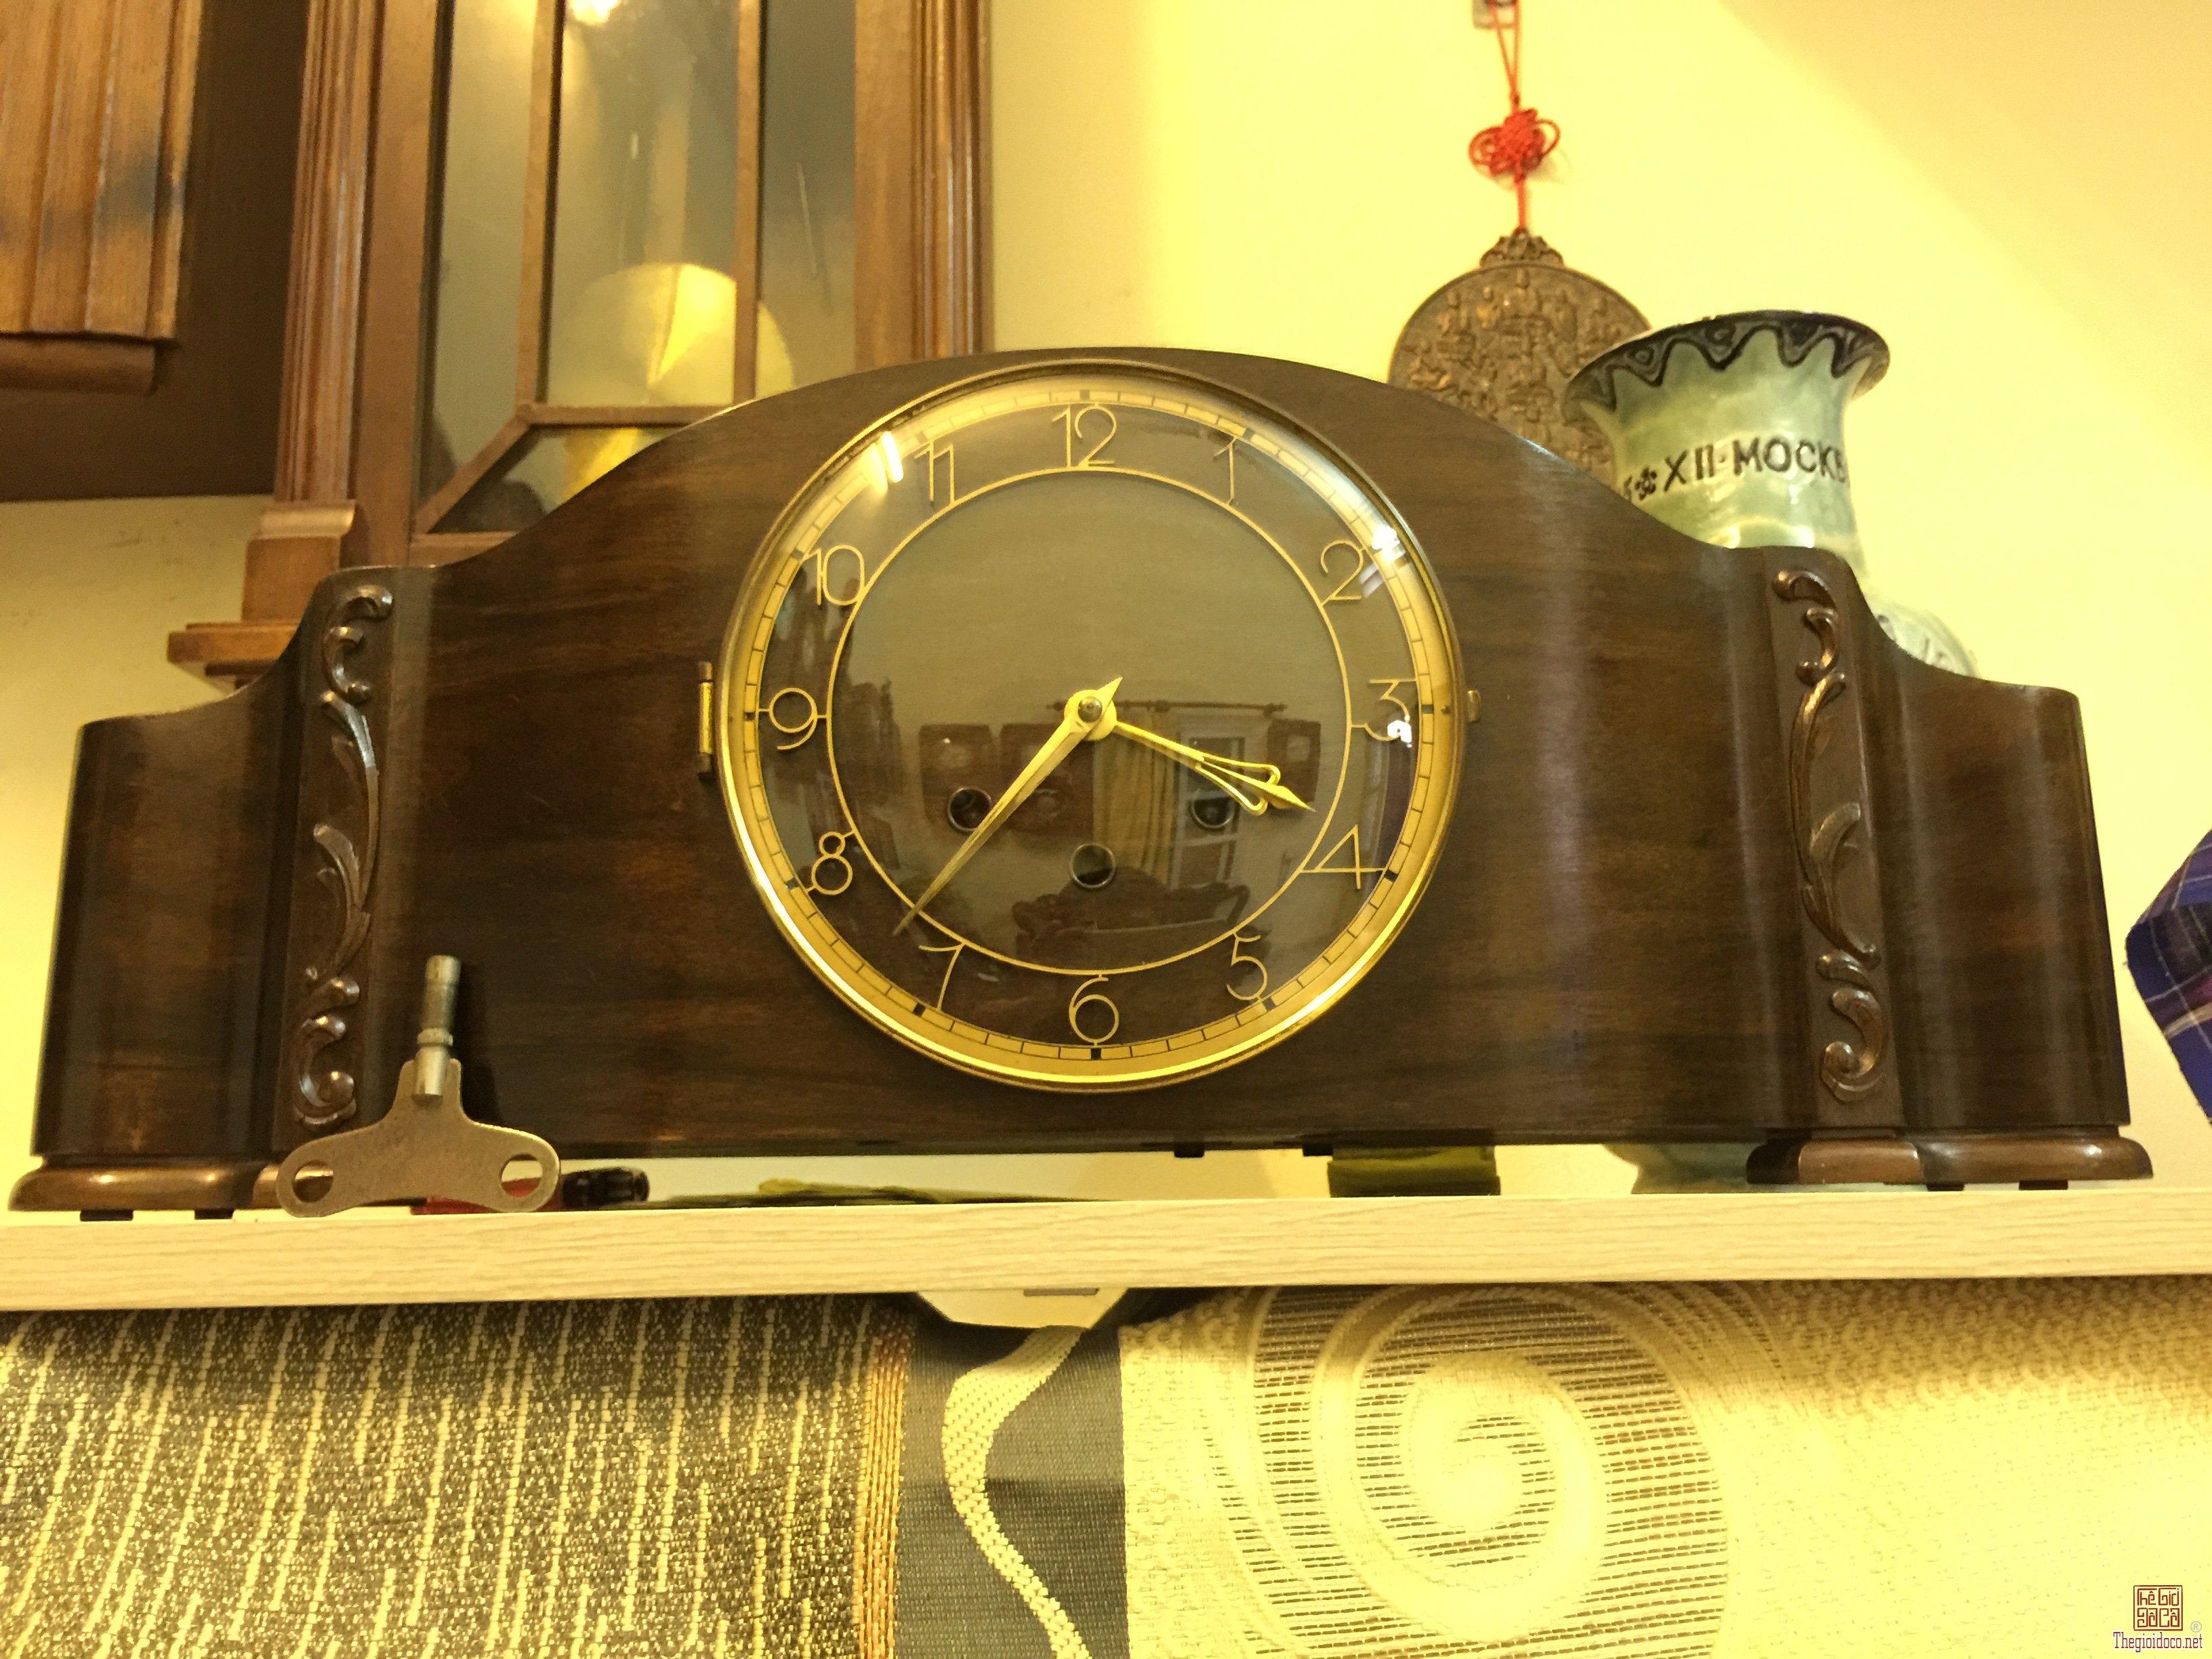 Đồng hồ vai bò Đức Mauthe tuyệt đẹp, âm rất hay